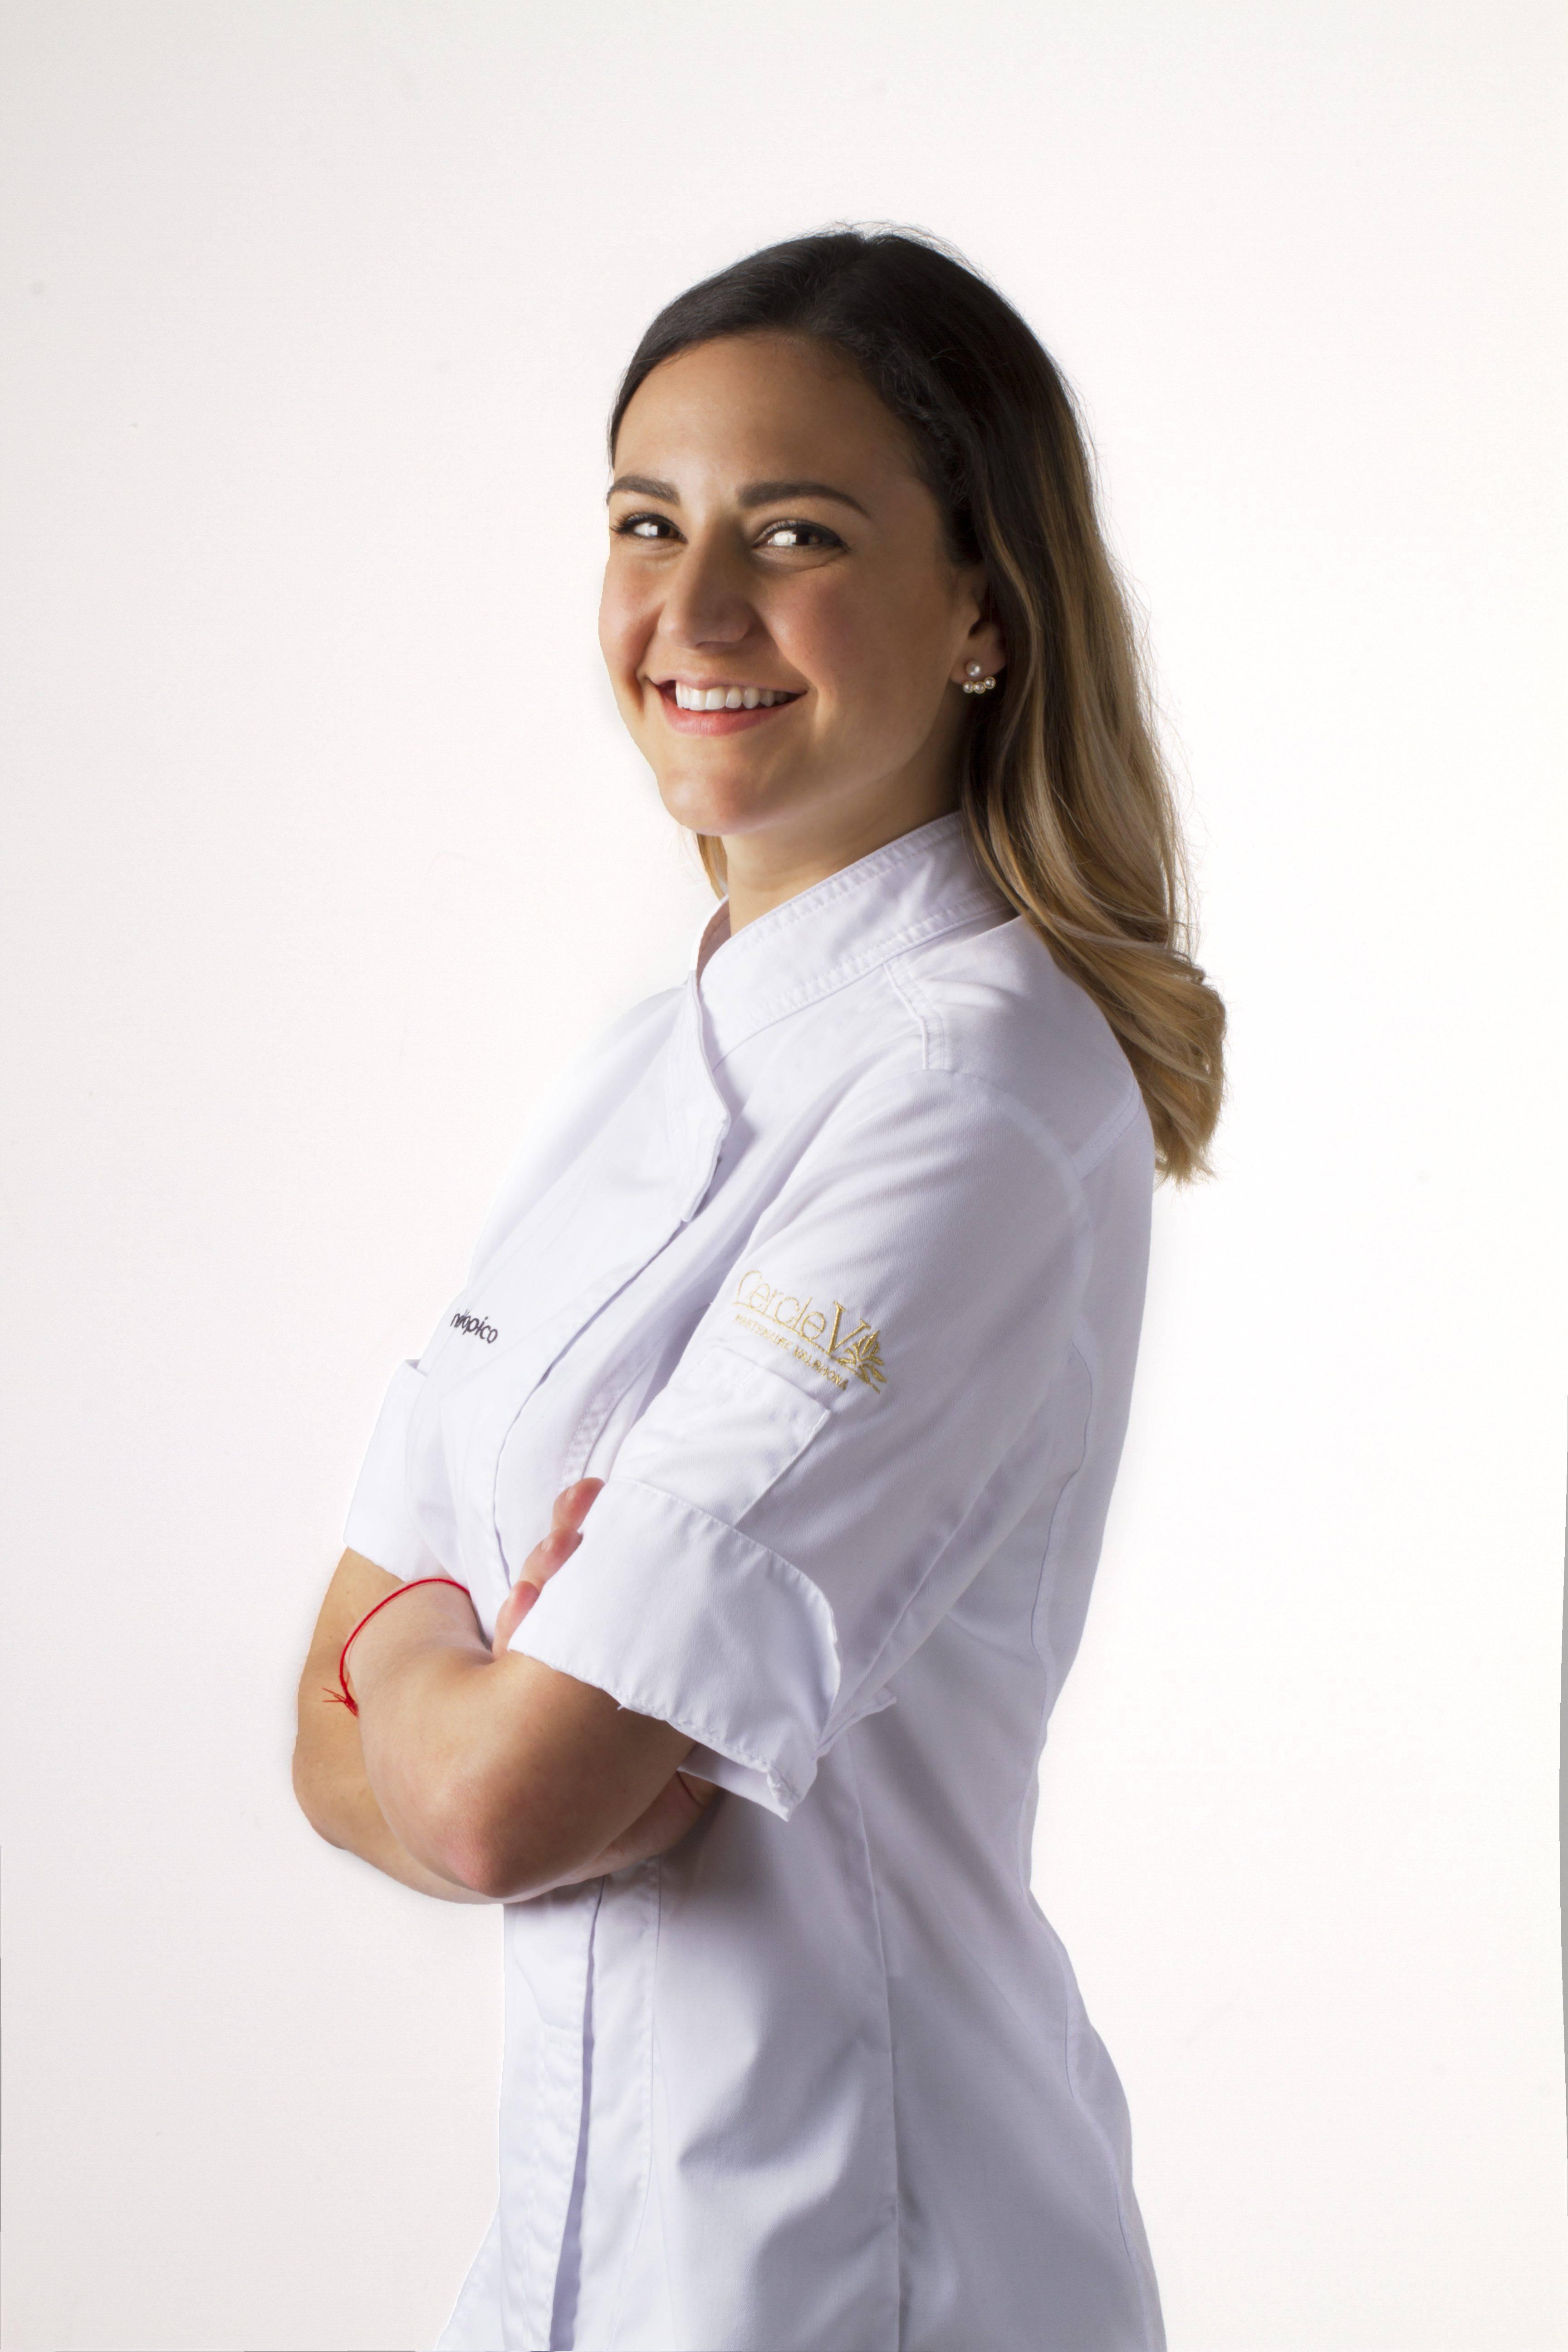 La chef venezolana ha sido seleccionada por la revista Forbes como una de 'Los 30 jóvenes con menos de 30 años en Europa' en la categoría Artes.